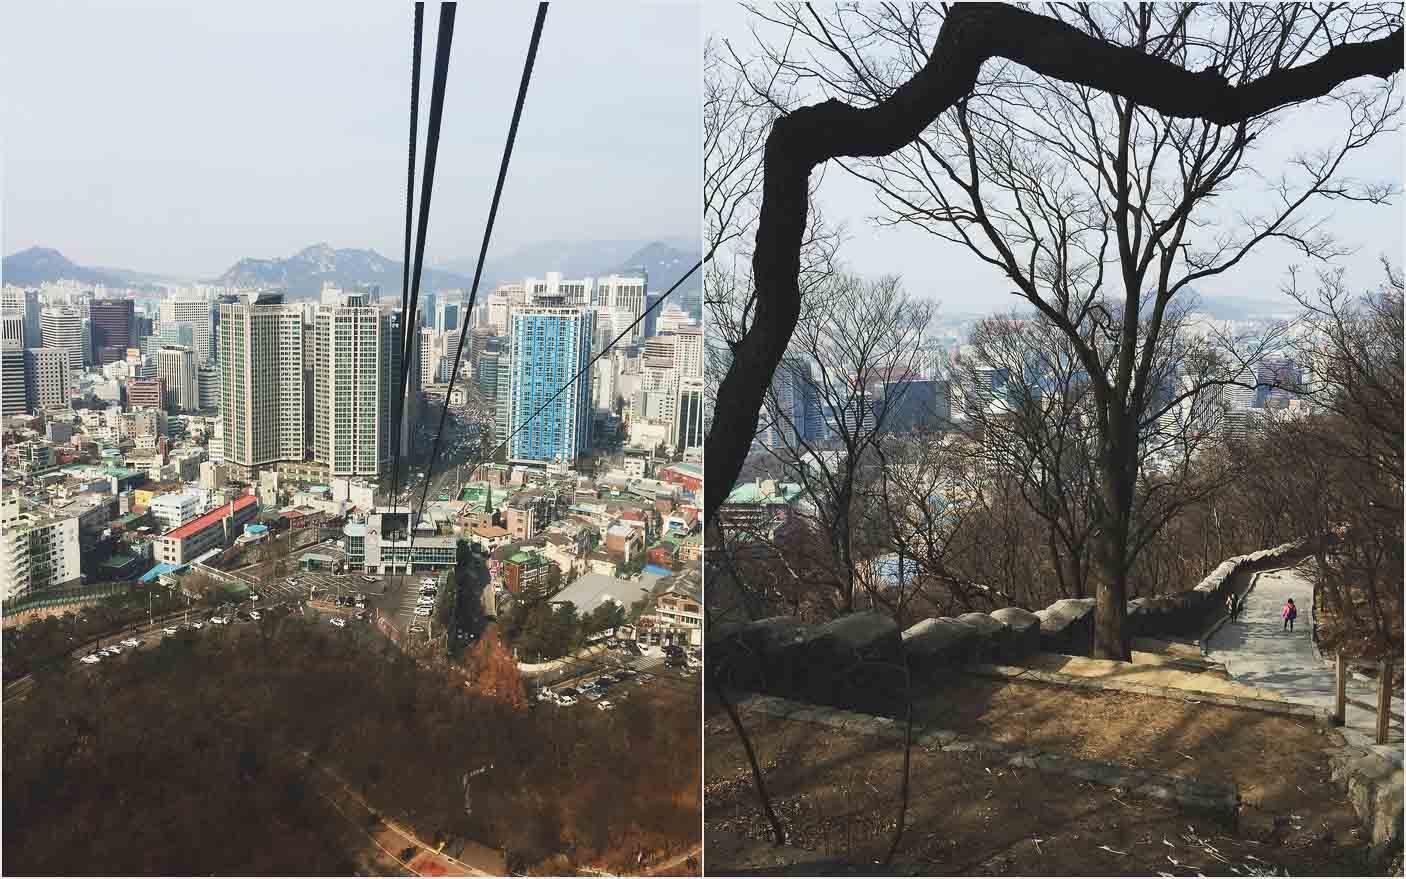 Mit der Gondel zum N Tower in Seoul